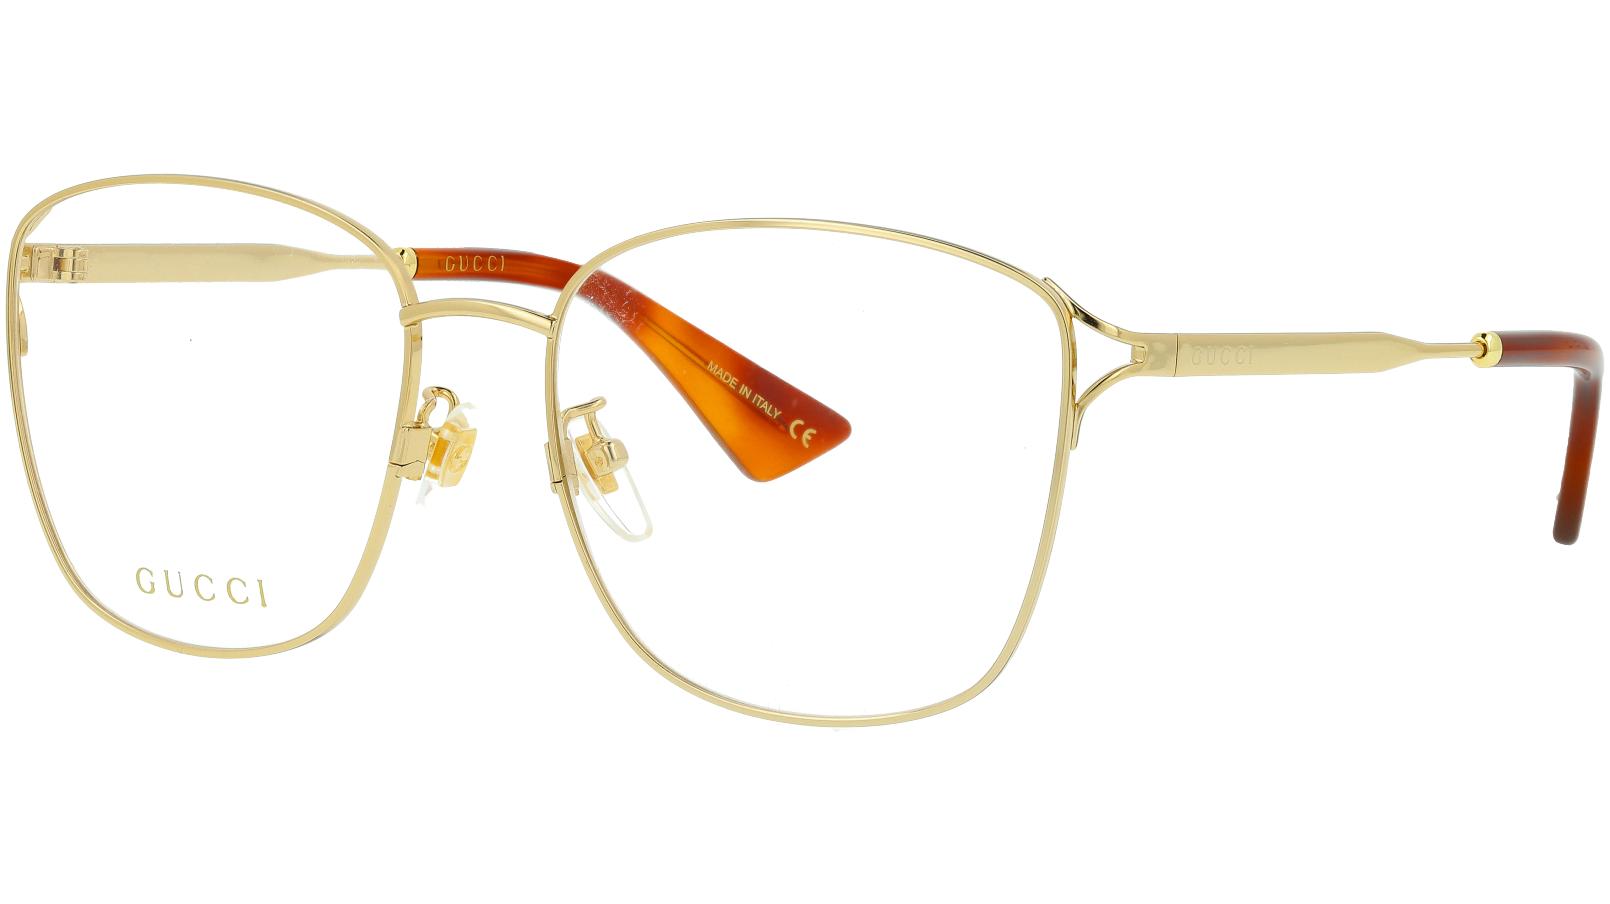 Gucci GG0819OA 001 56 Gold Square Glasses